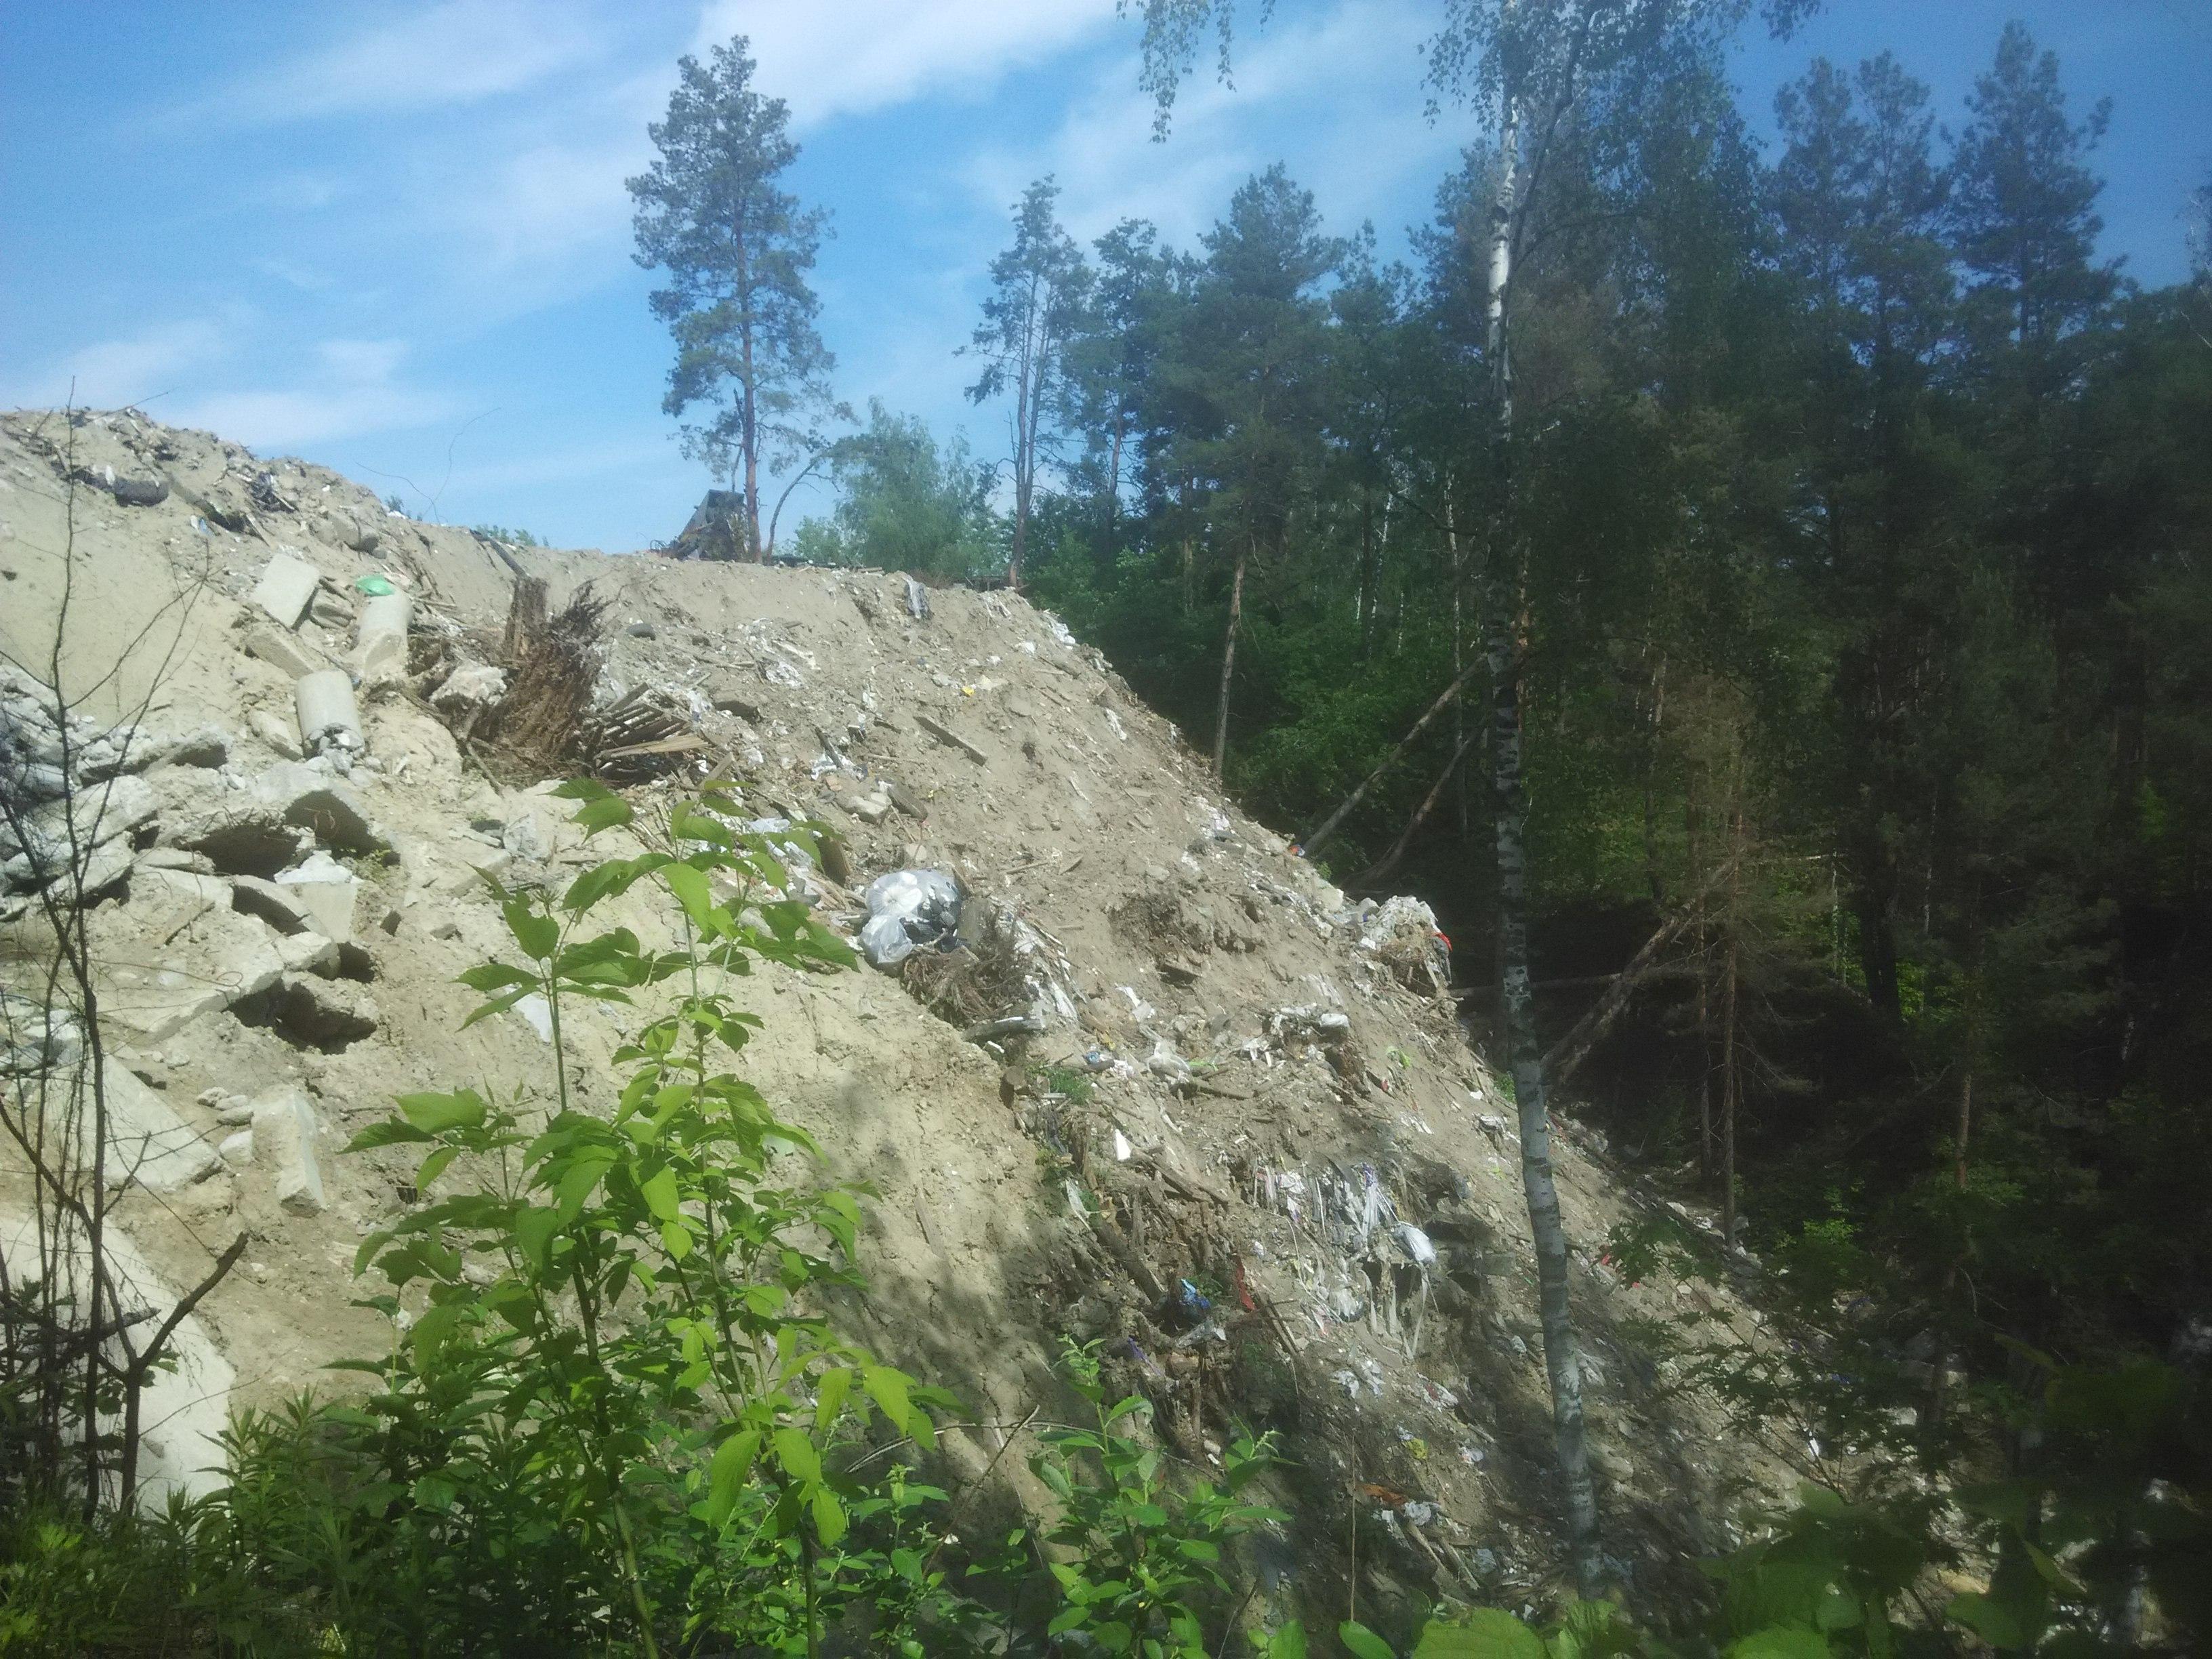 Смертельне сміття: незаконні звалища знищують вишгородський ліс та річку Почайна - сміття, Річка, Почайна, незаконно, ліс, забудовники, екологічна катастрофа, відходи, Вишгород, будівельне сміття - IMG 20180516 104916